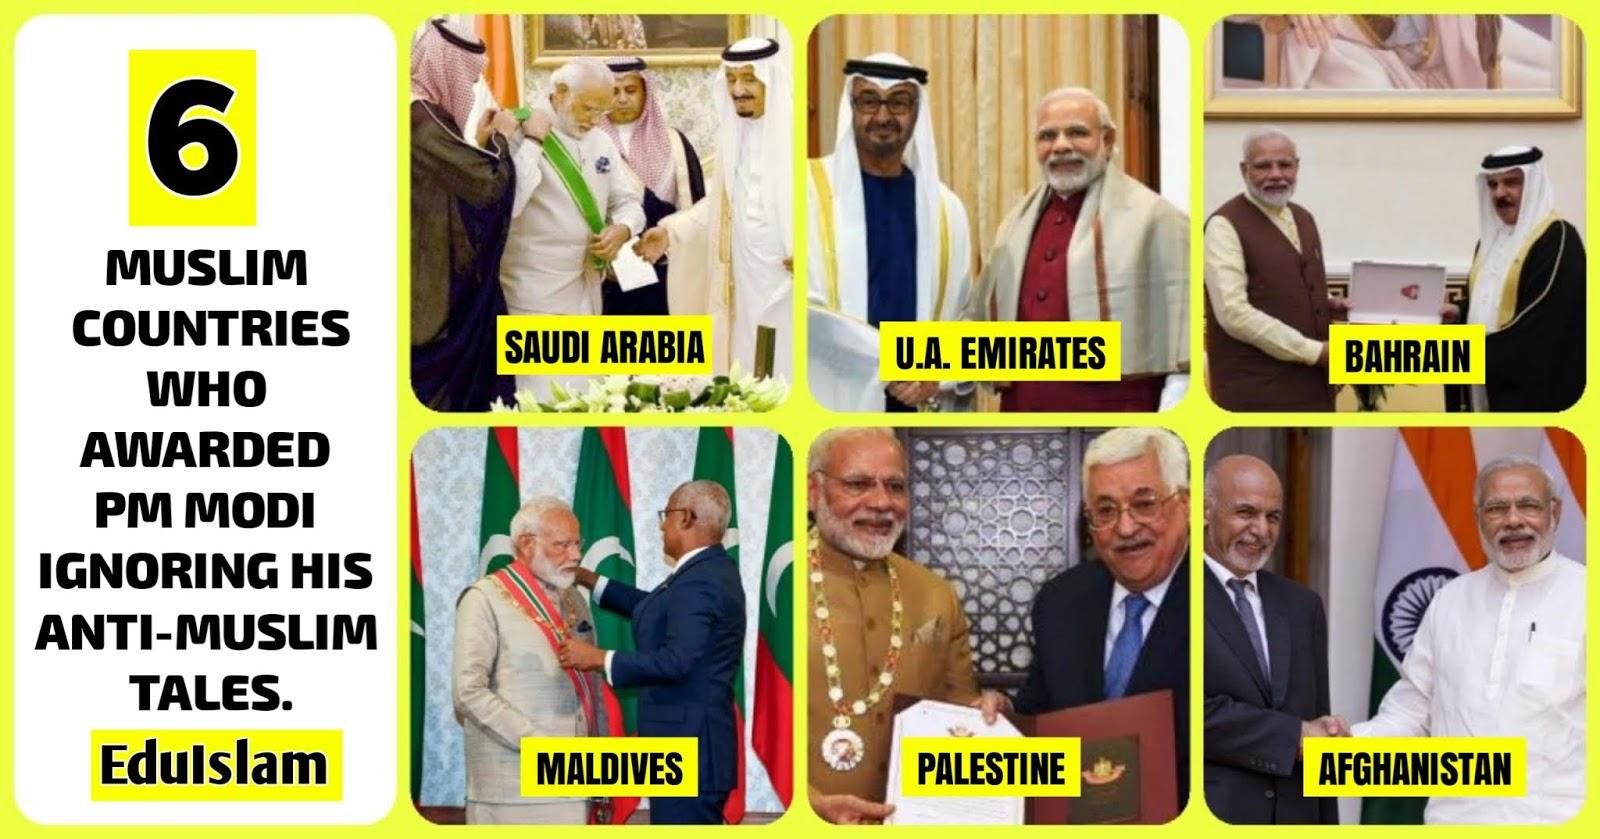 Muslim Countries Who awarded Narendra Modi, 6 Muslim Countries who honored Modi, Modi In Saudi Arabia, Modi In UAE, Modi In Bahrain, Modi In Palestine, International awards for PM Narendra Modi, Delhi Riots, EduIslam